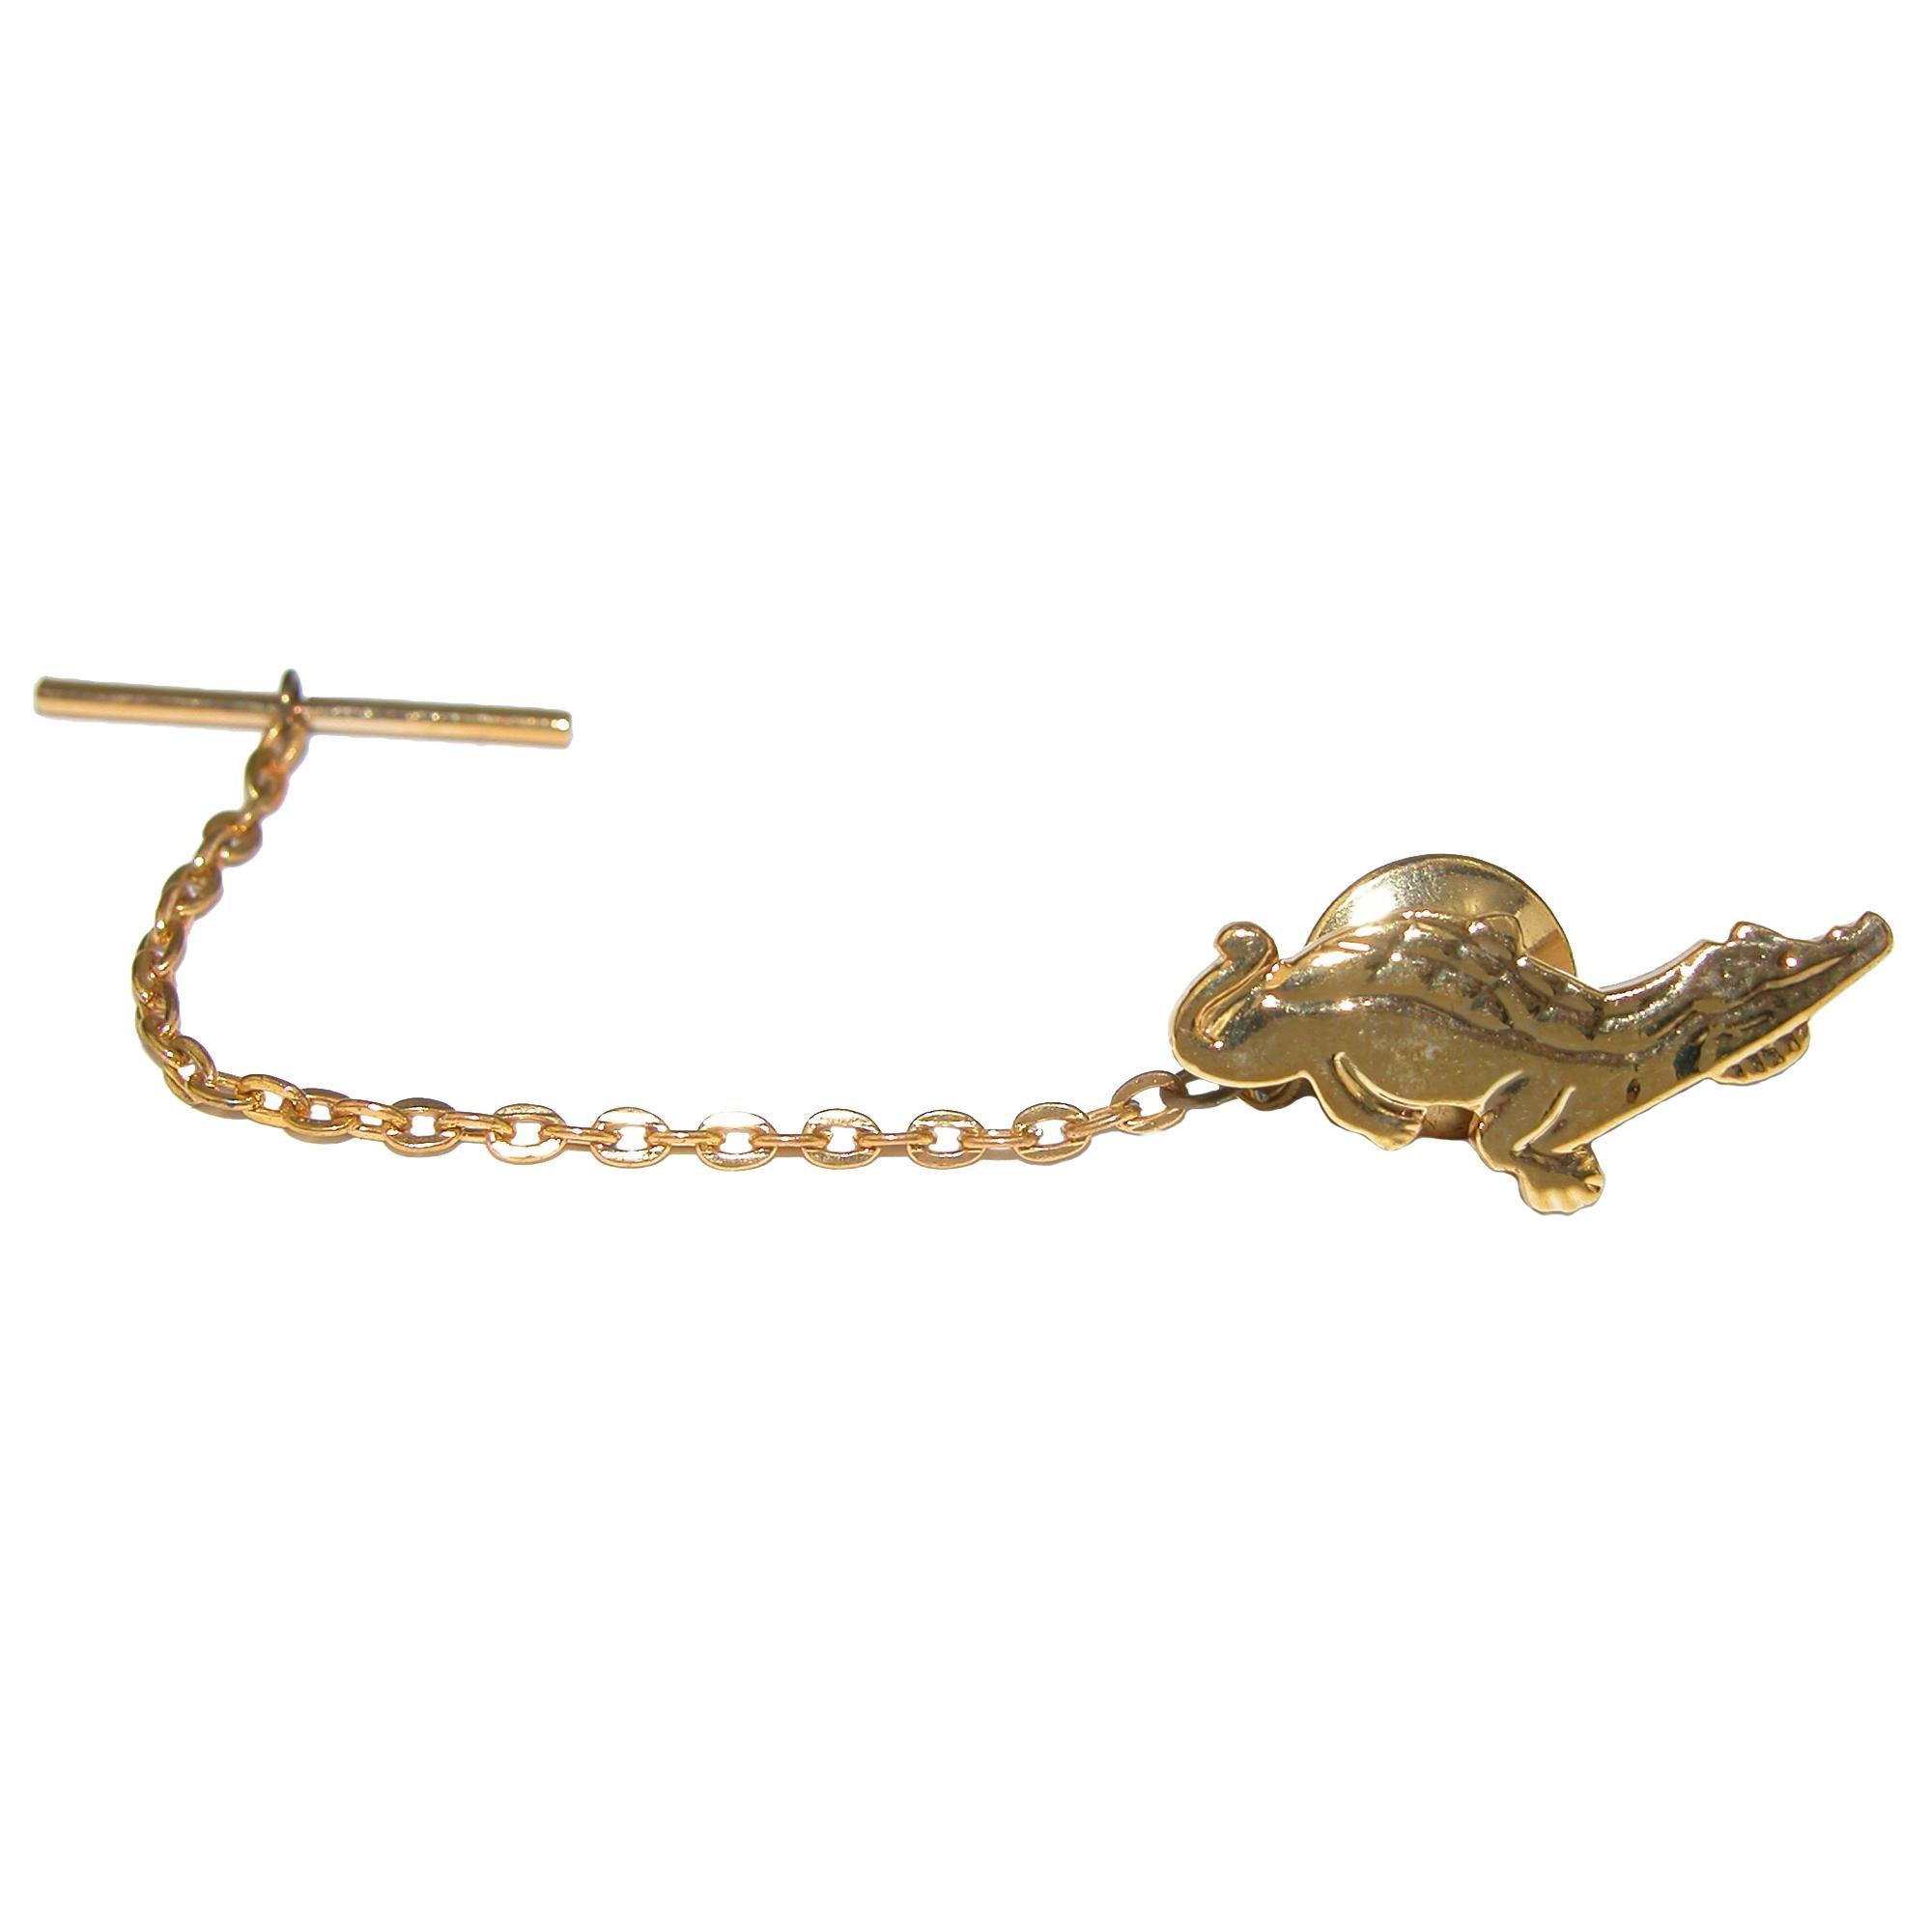 Cuffs New York Men's Alligator Tie Tac, Gold by Cuffs New York (Image #2)